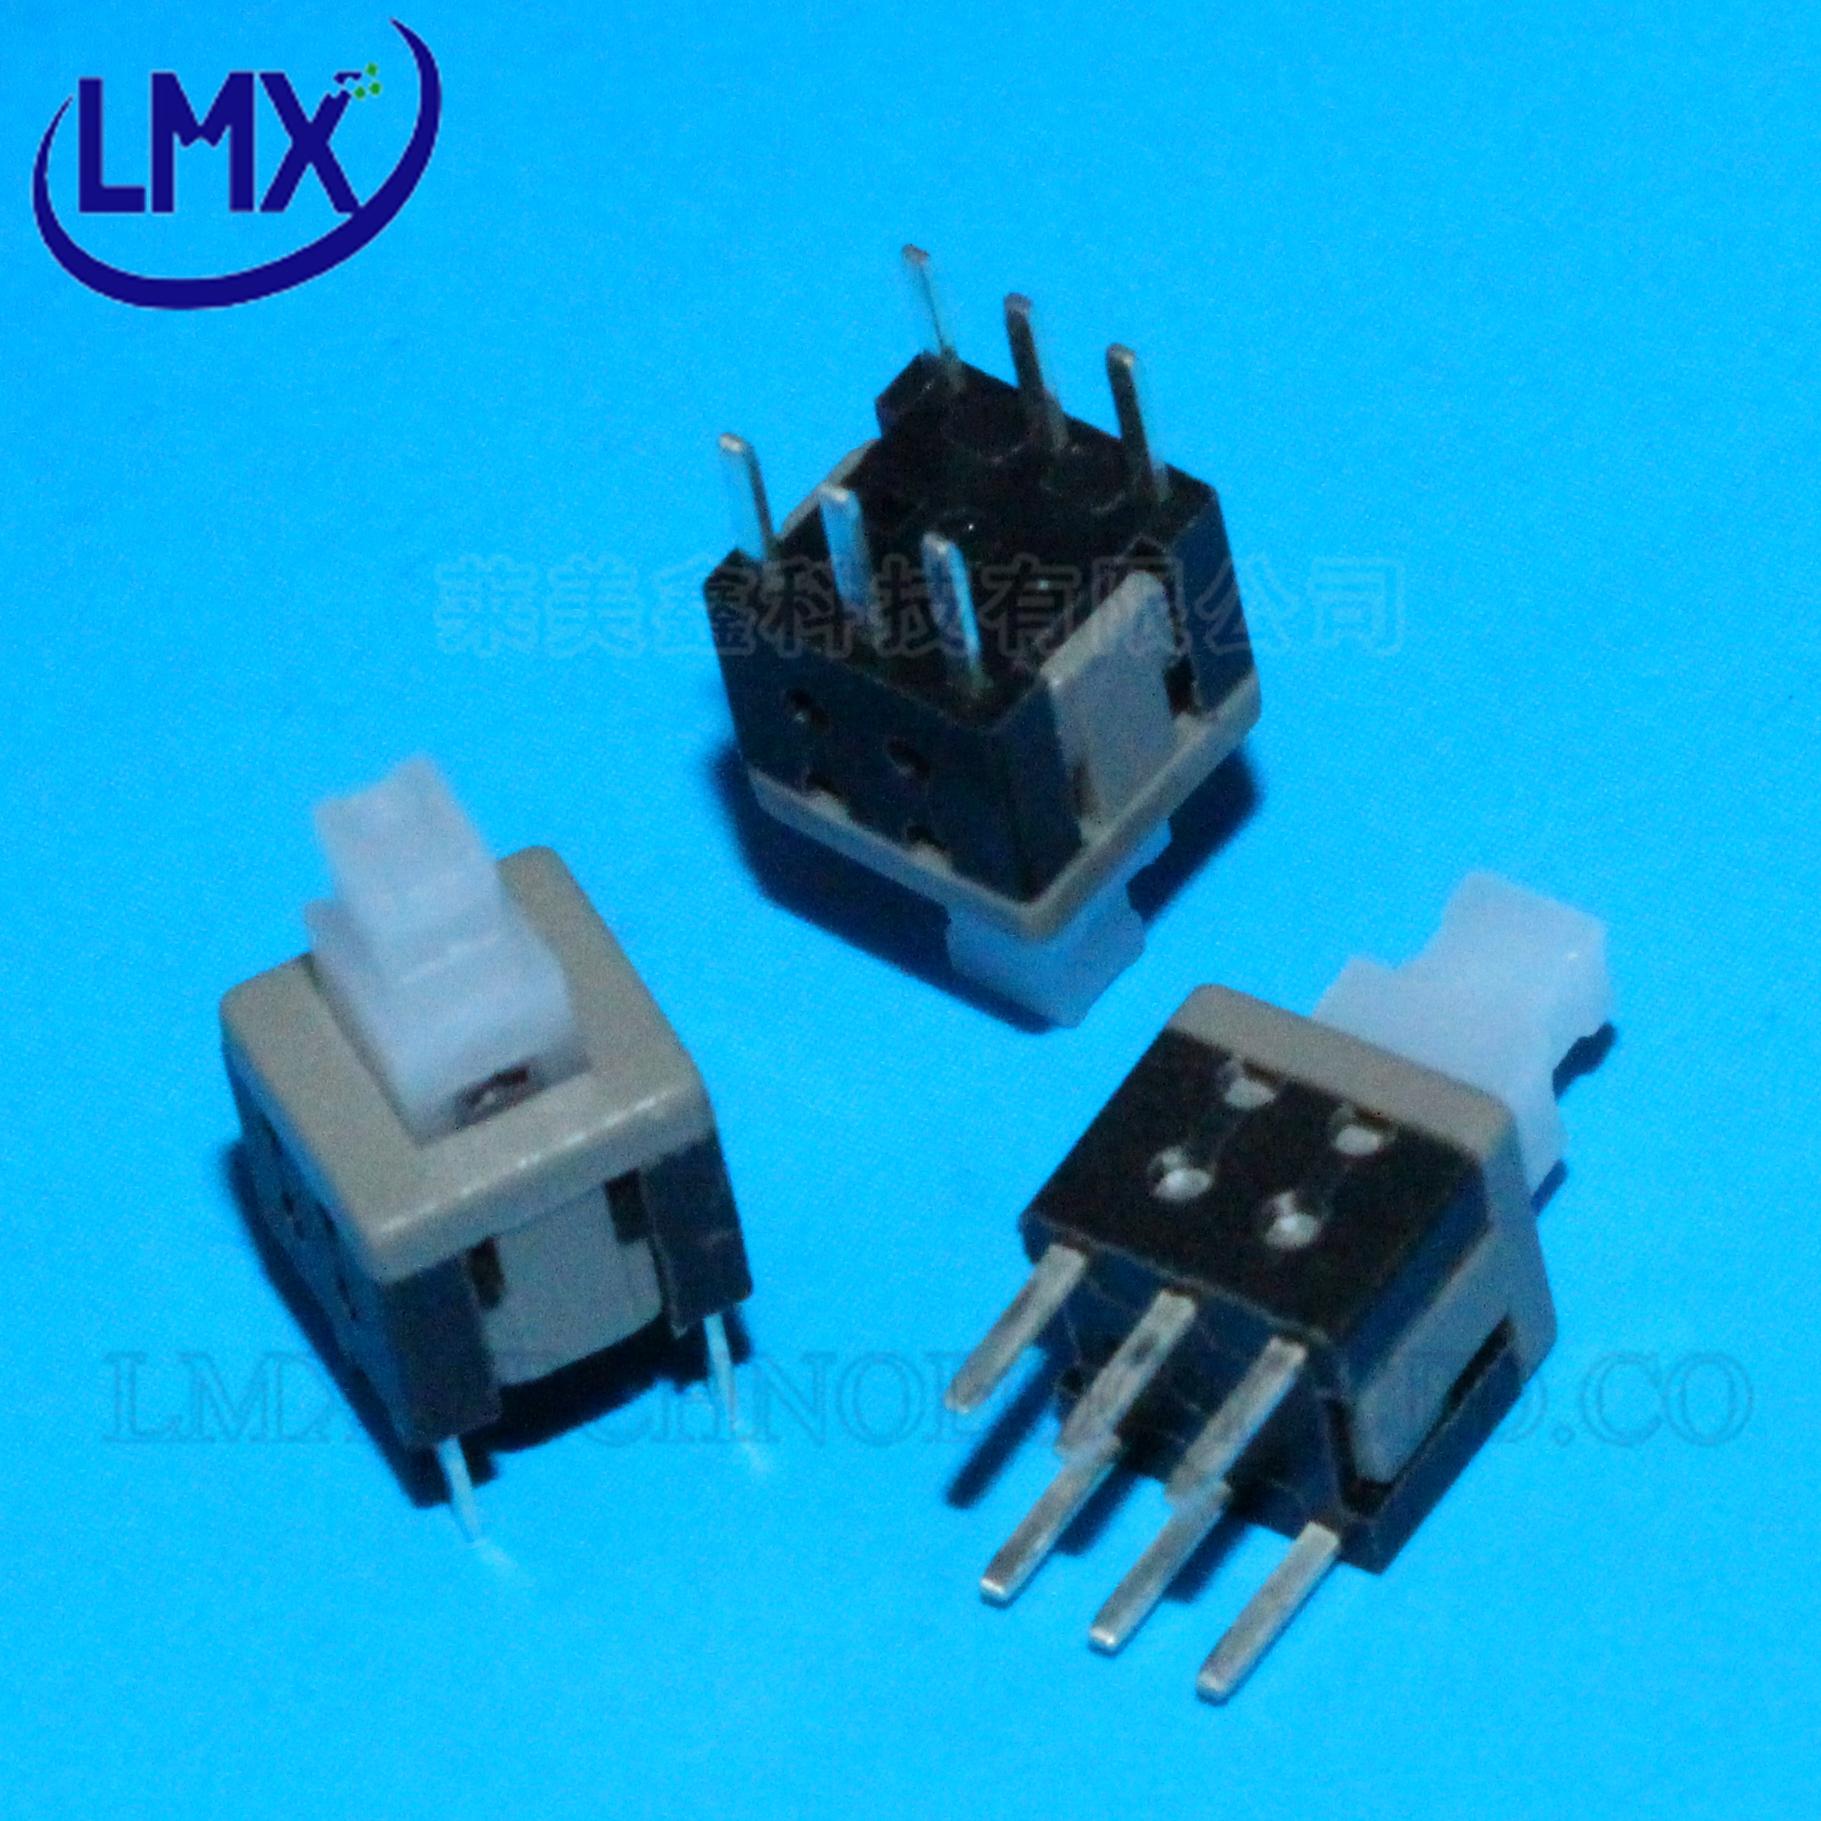 无锁开关 5.8x5.8MM 双排6脚 可配6.5*6.5MM按键帽 量大价优